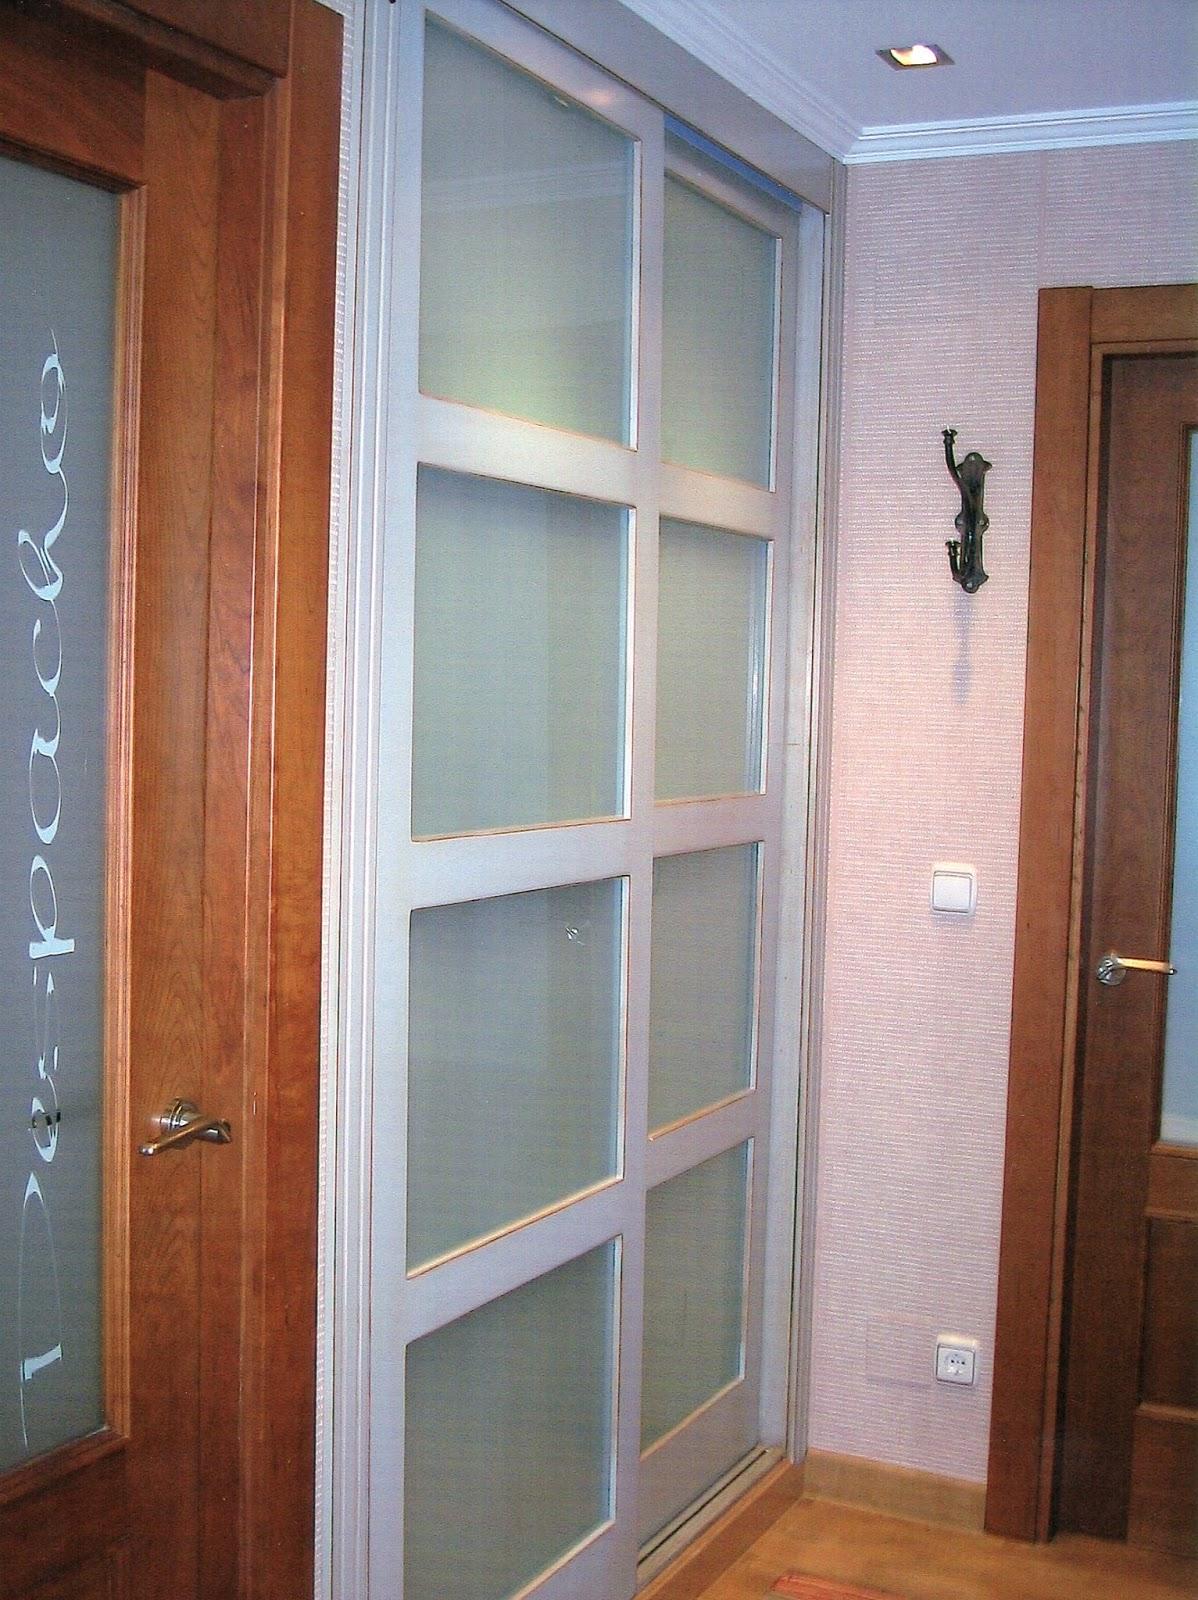 Armarios entrada armarios entrada entrada armario for Armario de pared con entrada equipada